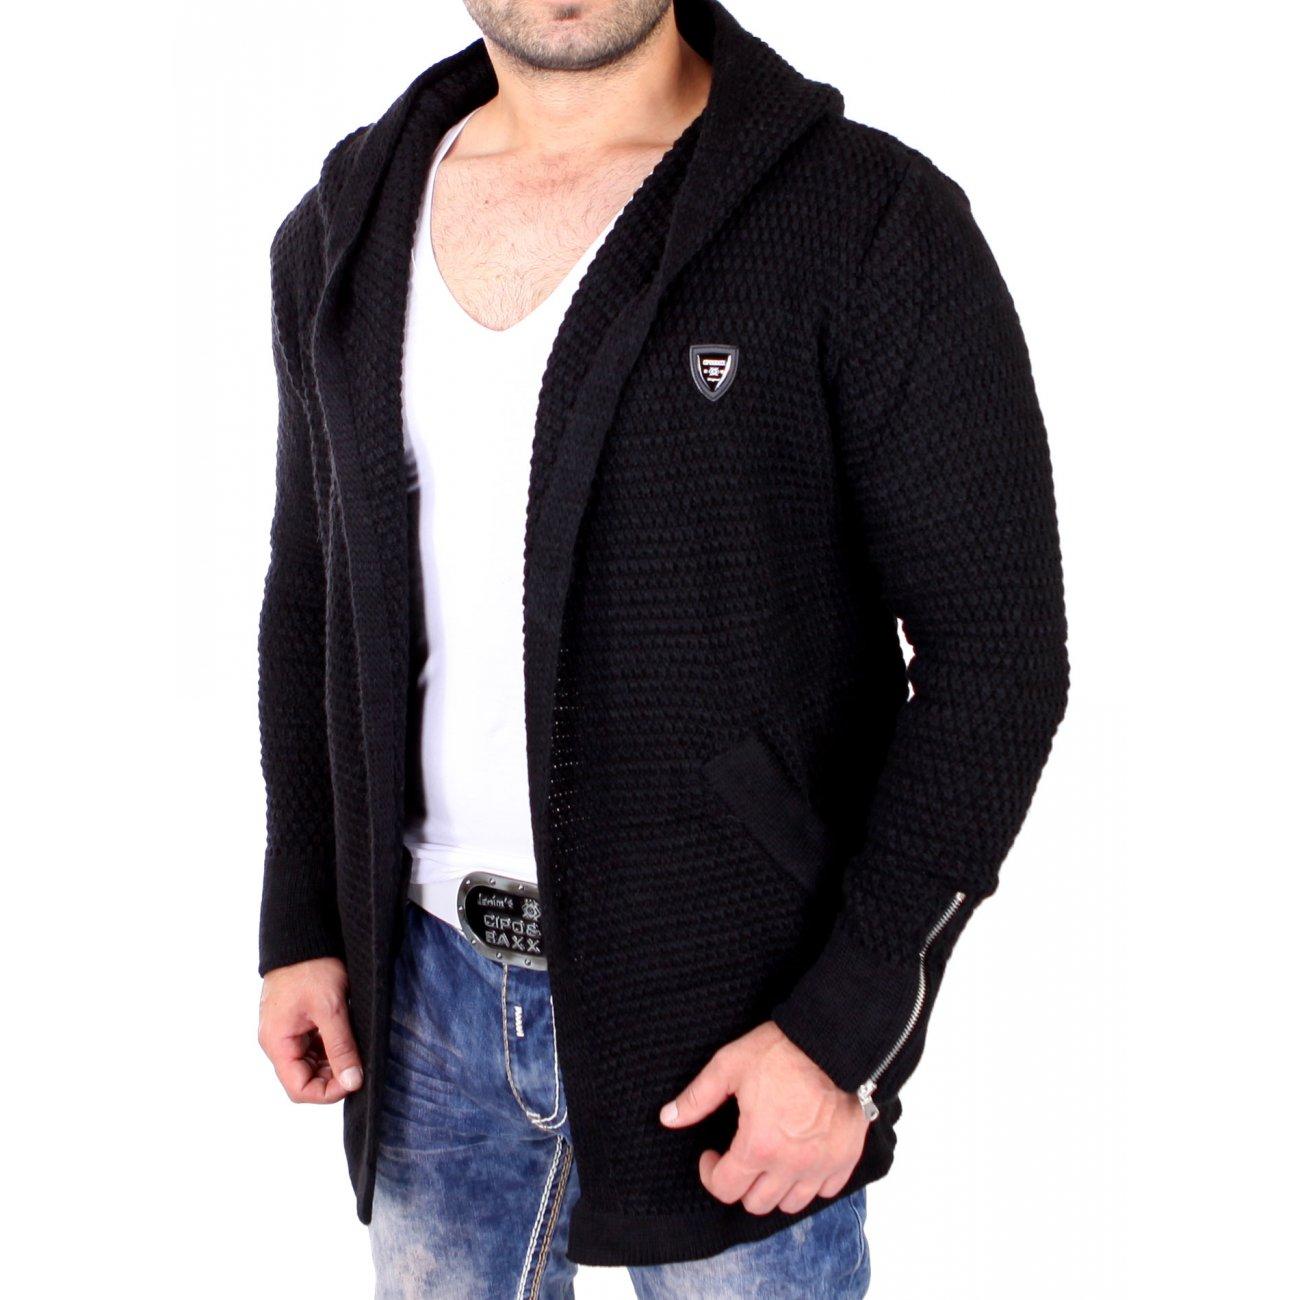 cardigan kapuze herren long sweater jacket. Black Bedroom Furniture Sets. Home Design Ideas